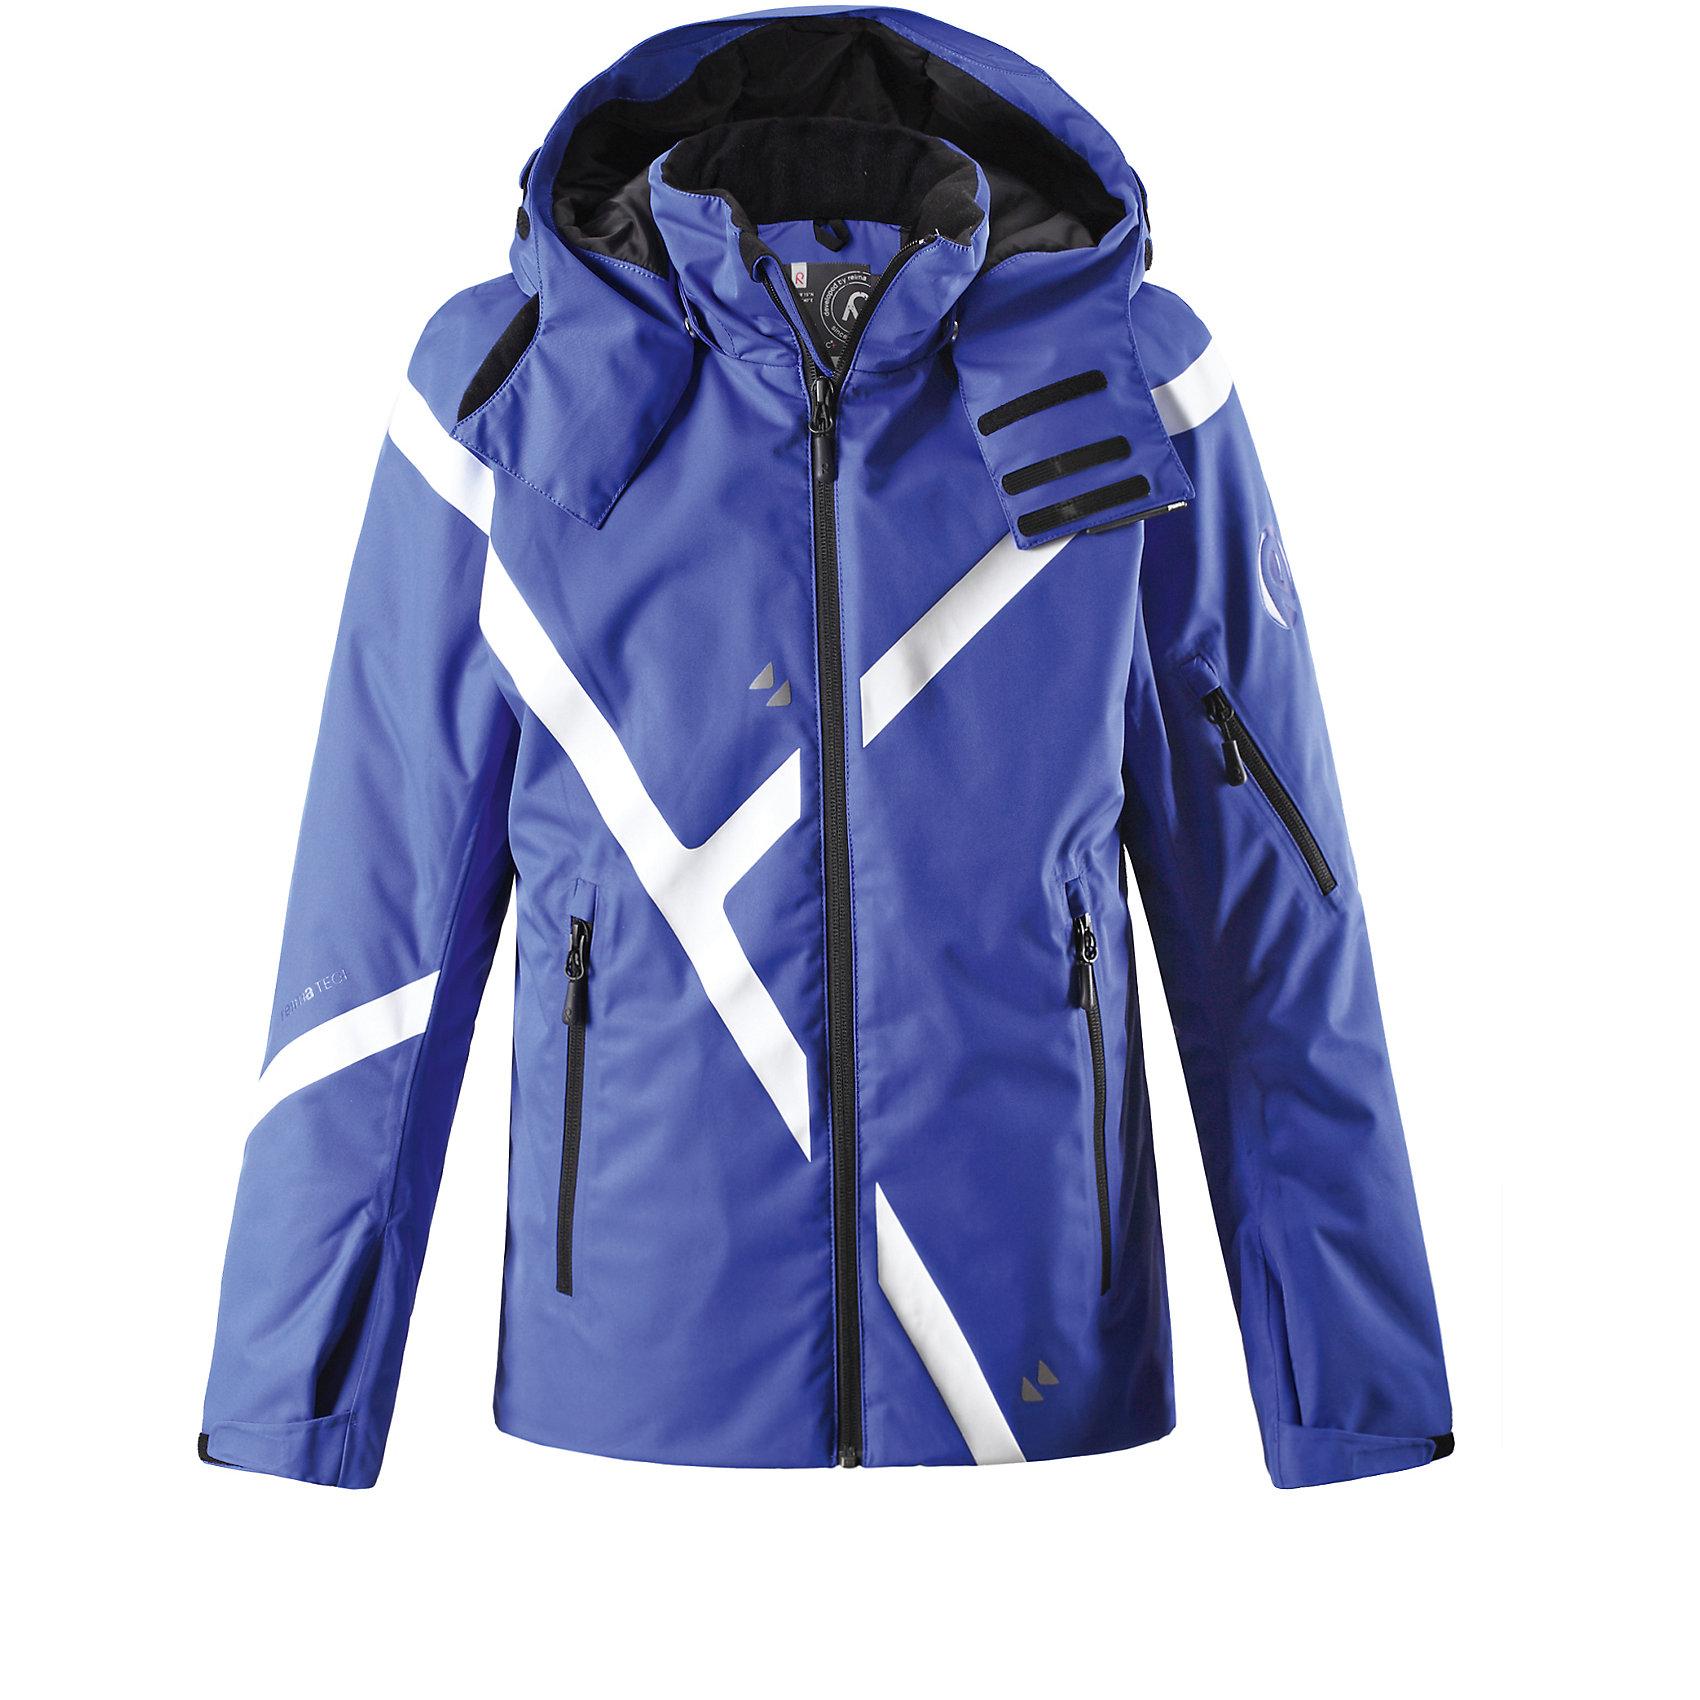 Куртка Trailing для мальчика Reimatec® ReimaОдежда<br>Характеристики товара:<br><br>• цвет: синий<br>• состав: 100% полиамид, полиуретановое покрытие<br>• температурный режим: от 0°до -15°С<br>• утеплитель: пух Primaloft, 100 г<br>• застежка: безопасная молния<br>• внутренние манжеты из лайкры<br>• водо- и грязеотталкивающий материал<br>• ветронепроницаемый и «дышащий» материал<br>• отстегивающийся капюшон<br>• блокировка от снега со специальным соединителем для брюк и куртки<br>• внутренний нагрудный карман и петли для проводов от наушников<br>• карманы<br>• высокий воротник<br>• комфортная посадка<br>• страна производства: Китай<br>• страна бренда: Финляндия<br><br>Верхняя одежда для детей может быть модной и комфортной одновременно! Утепленная куртка поможет обеспечить ребенку комфорт и тепло. Она отлично смотрится с различной одеждой и обувью. Изделие удобно сидит и модно выглядит. Стильный дизайн разрабатывался специально для детей. Отличный вариант для активного отдыха зимой!<br><br>Одежда и обувь от финского бренда Reima пользуется популярностью во многих странах. Эти изделия стильные, качественные и удобные. Для производства продукции используются только безопасные, проверенные материалы и фурнитура. Порадуйте ребенка модными и красивыми вещами от Reima! <br><br>Куртку Trailing для мальчика от финского бренда Reimatec® Reima (Рейма) можно купить в нашем интернет-магазине.<br><br>Ширина мм: 356<br>Глубина мм: 10<br>Высота мм: 245<br>Вес г: 519<br>Цвет: синий<br>Возраст от месяцев: 108<br>Возраст до месяцев: 120<br>Пол: Унисекс<br>Возраст: Детский<br>Размер: 140<br>SKU: 5415569